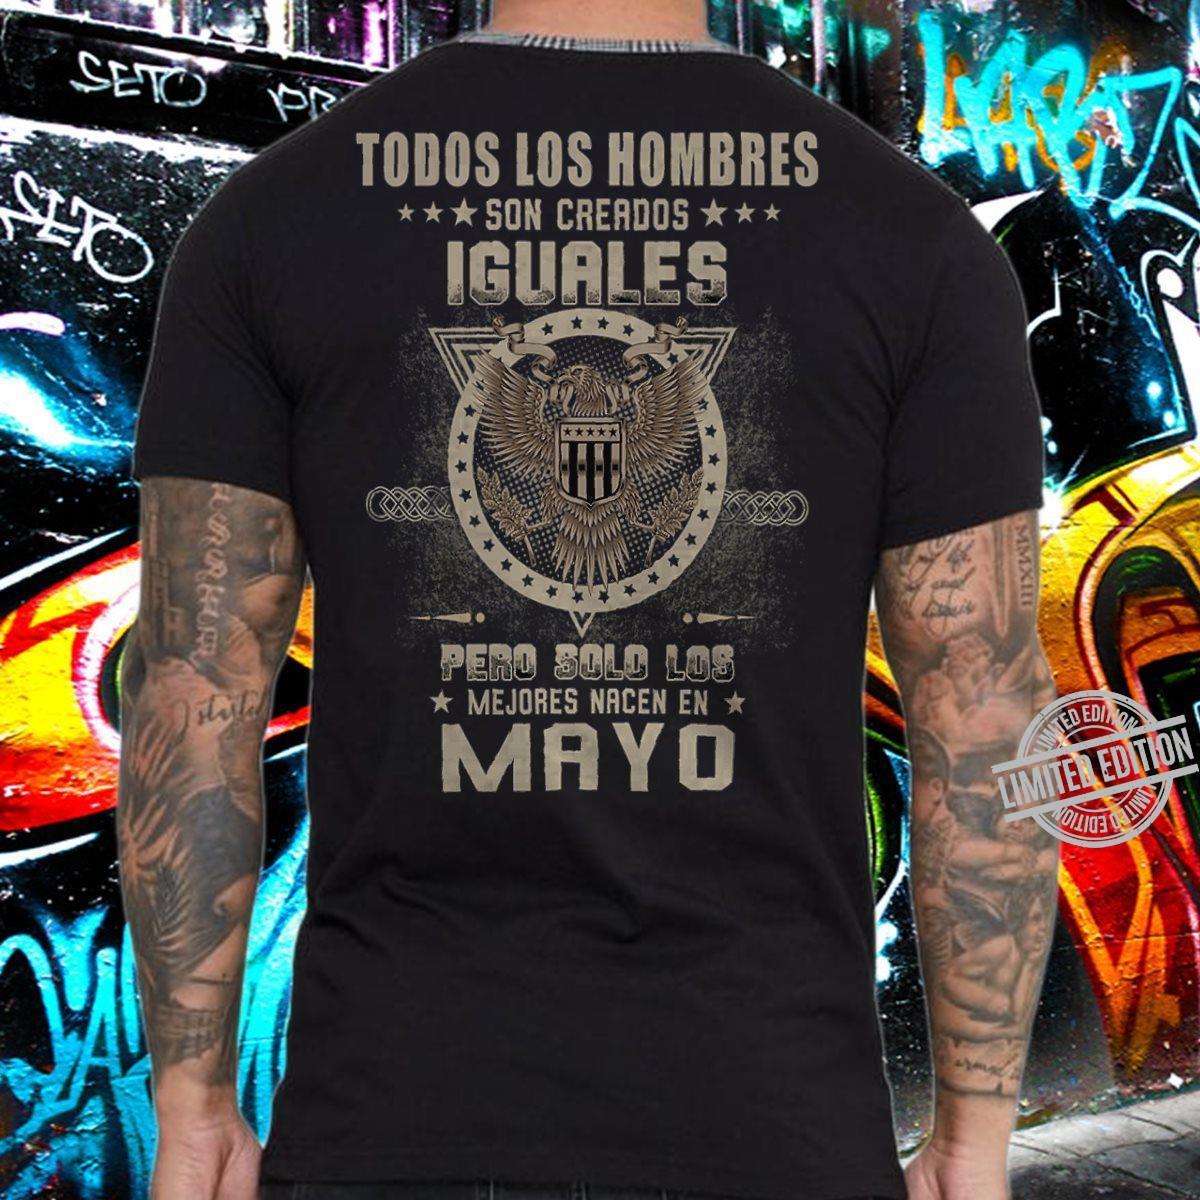 Todos Lus Hombres Son Creados Iguales Pero Solo Los Mejores Nacen En Mayo Shirt